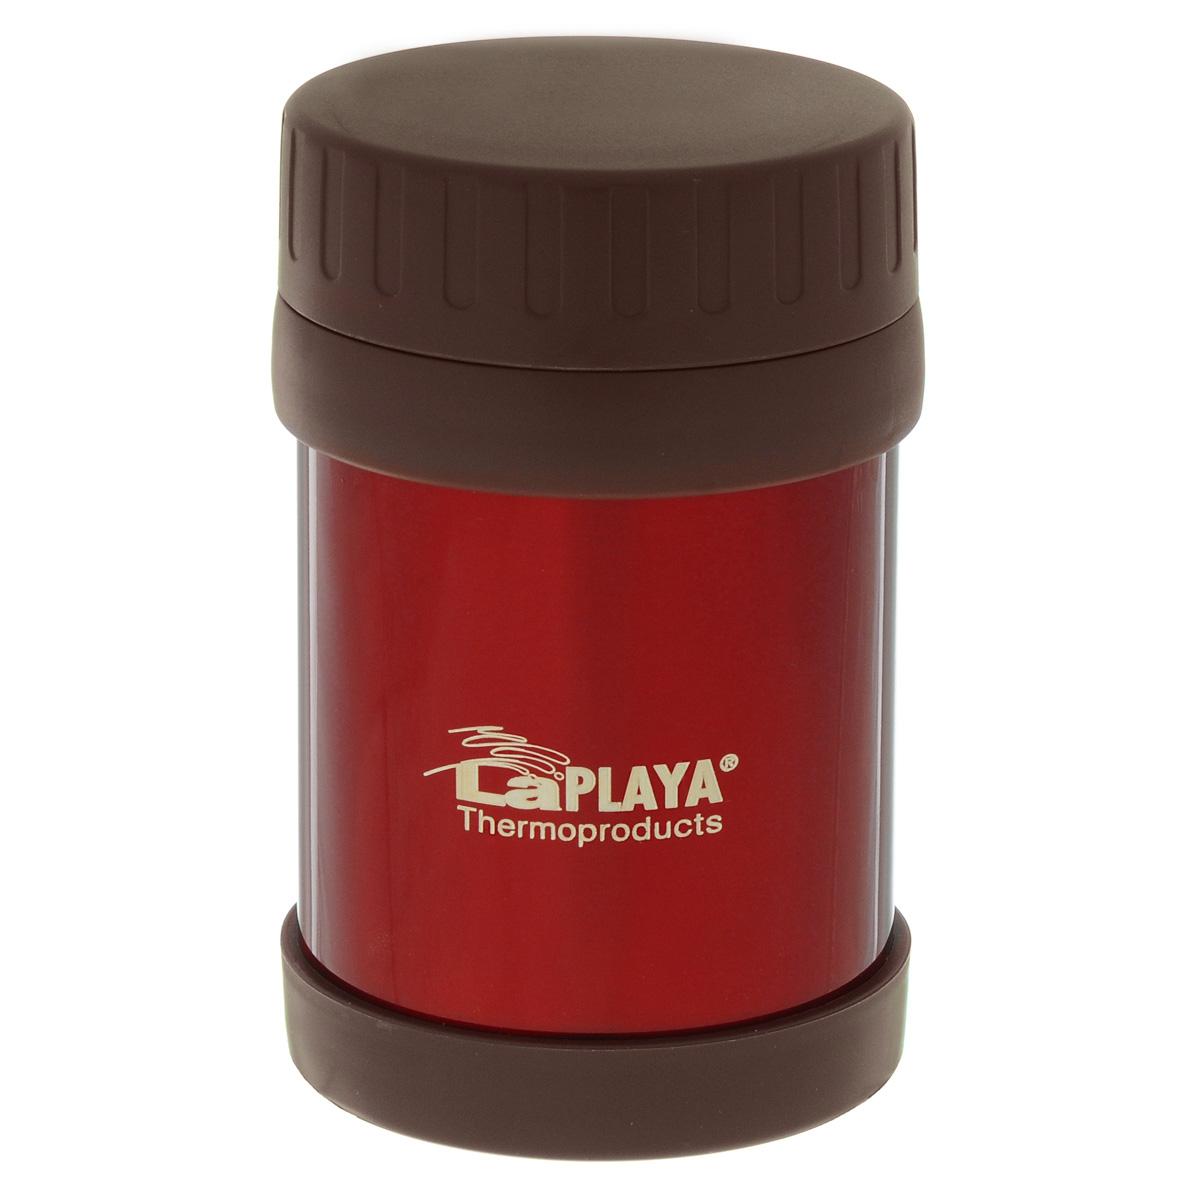 Термос для еды LaPlaya Food Container, цвет: красный, 350 мл115510Корпус термоса LaPlaya Food Container изготовлен из высококачественной нержавеющей стали с двумя стенками. Термос оснащен крышкой, благодаря которой сохраняется абсолютная герметичность. Изделие имеет большое горлышко, поэтому идеально подходит для салатов, закусок, первых и вторых блюд.Такой термос удобен в использовании и станет полезным подарком. Диаметр (по верхнему краю): 8 см. Диаметр основания: 8,5 см. Высота (с учетом крышки): 13,5 см.